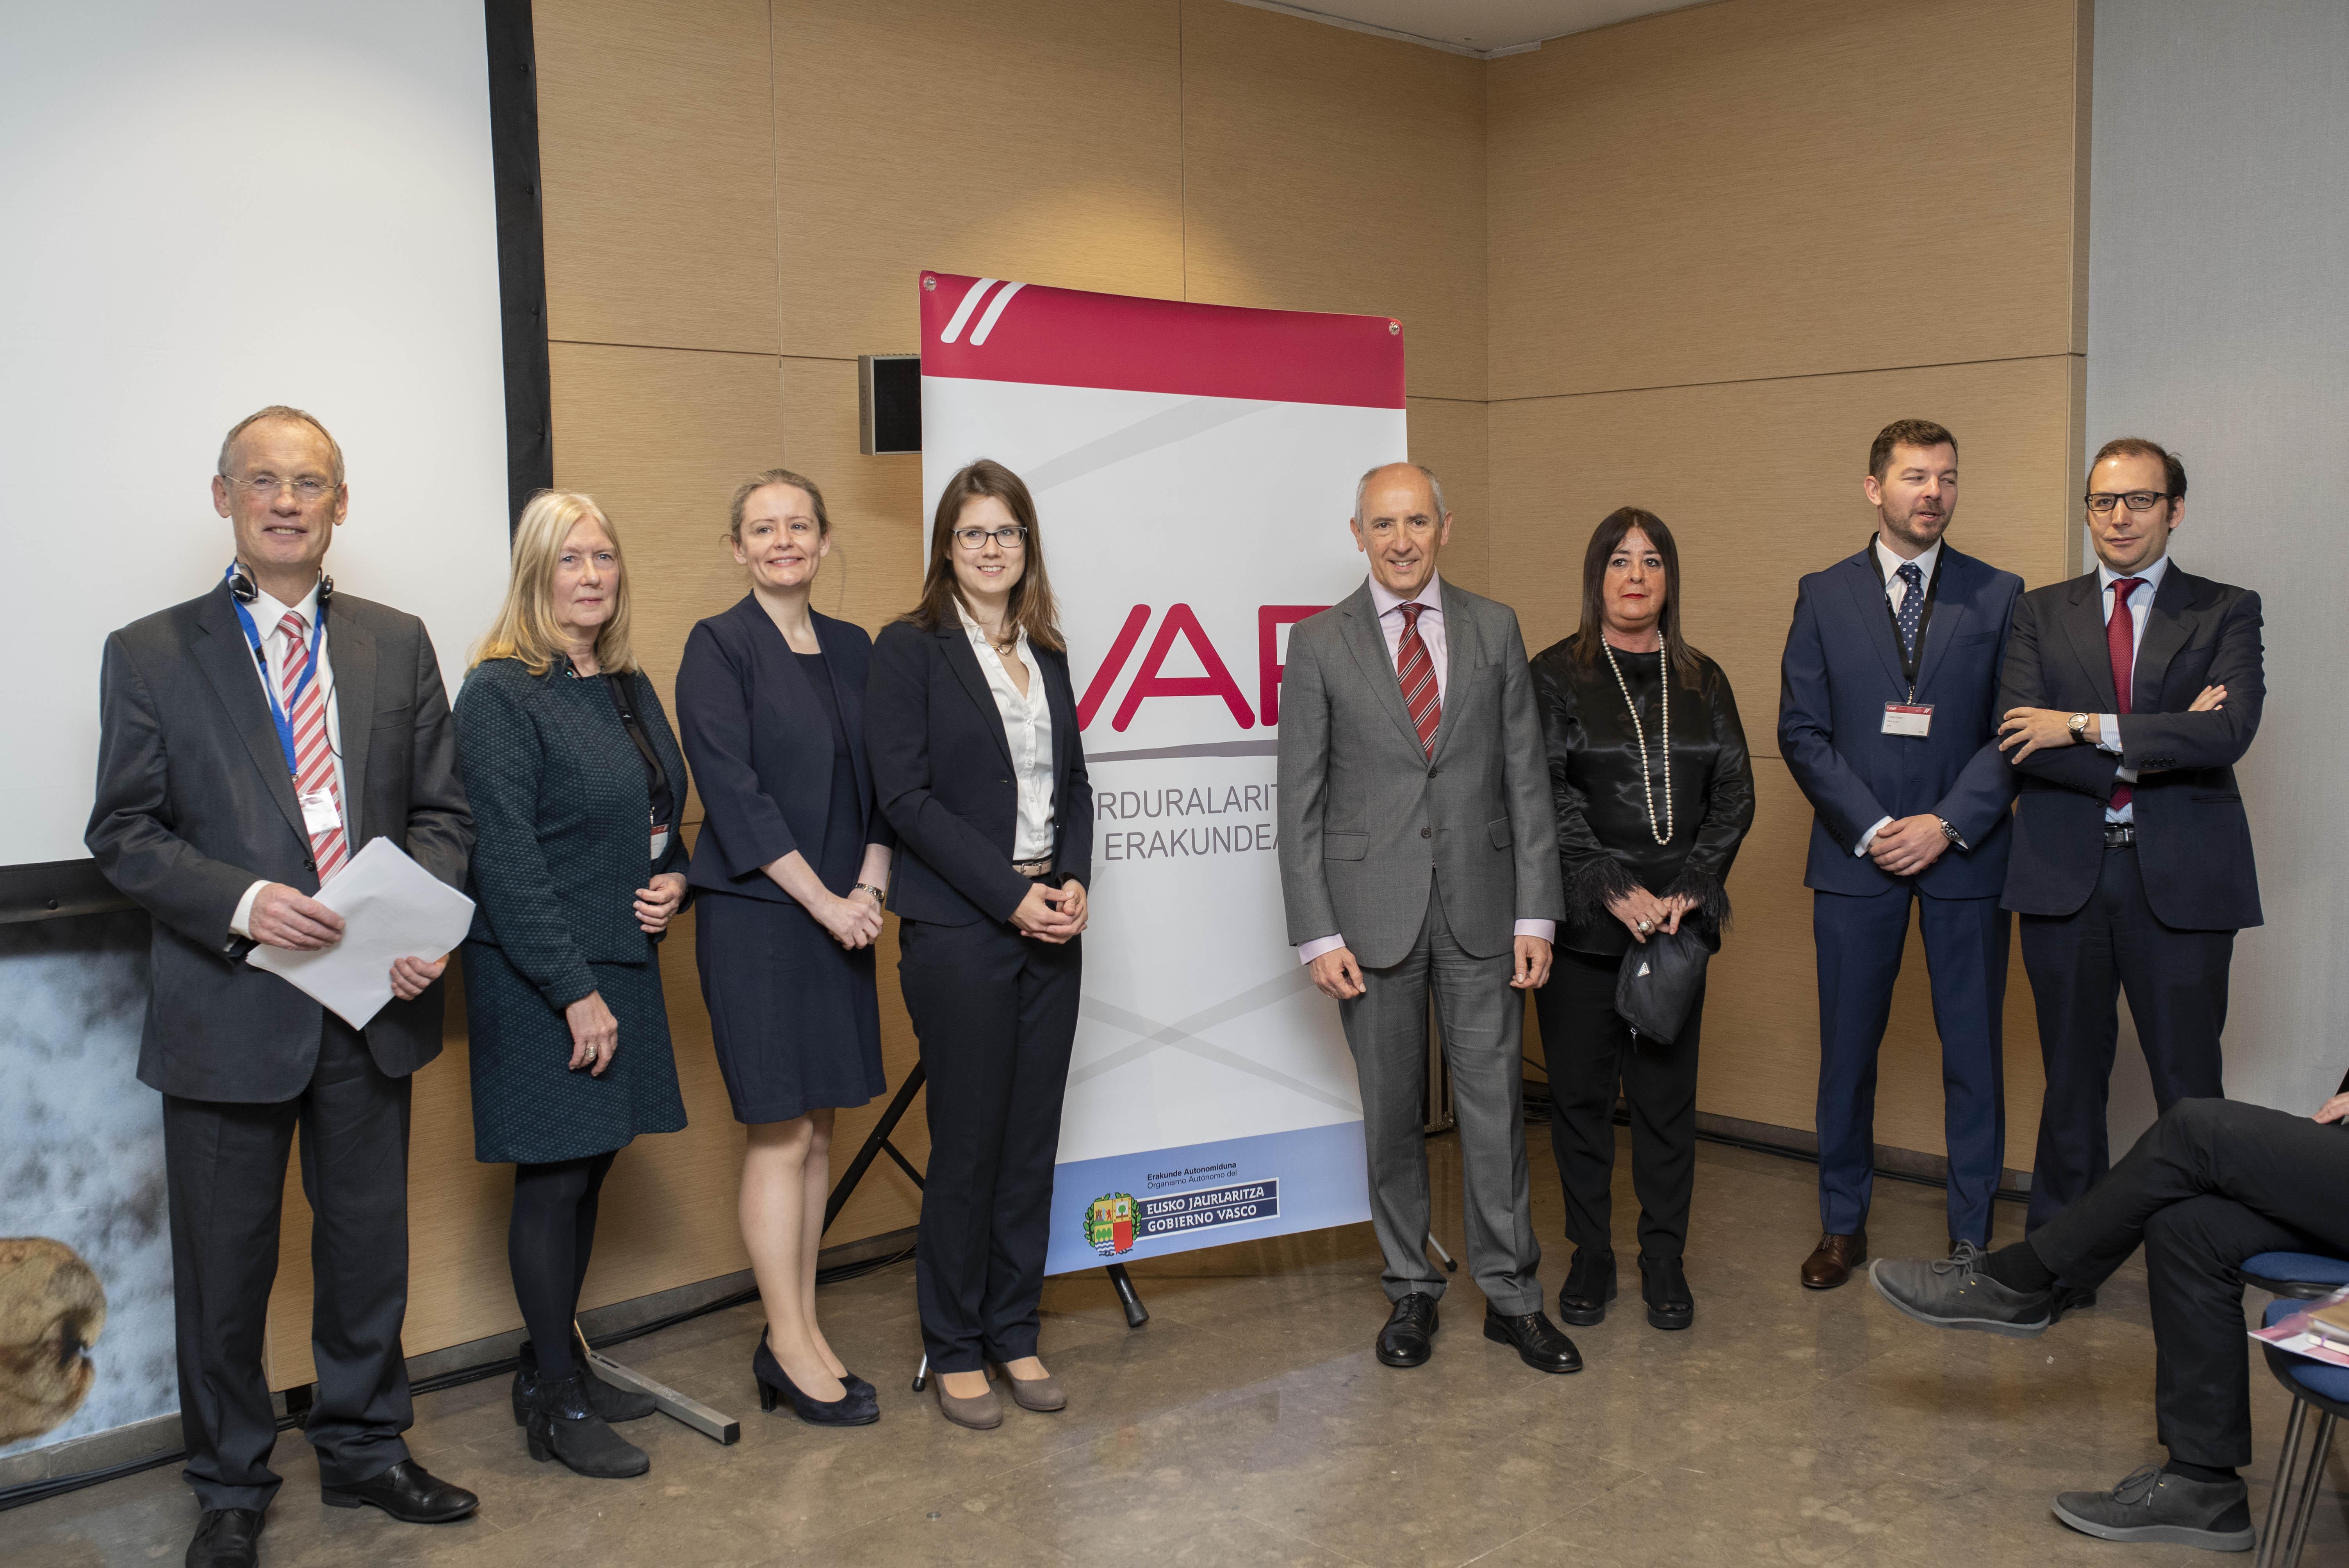 Más de 150 profesionales asisten al congreso especializado en selección de personal de las administraciones públicas organizado por el IVAP